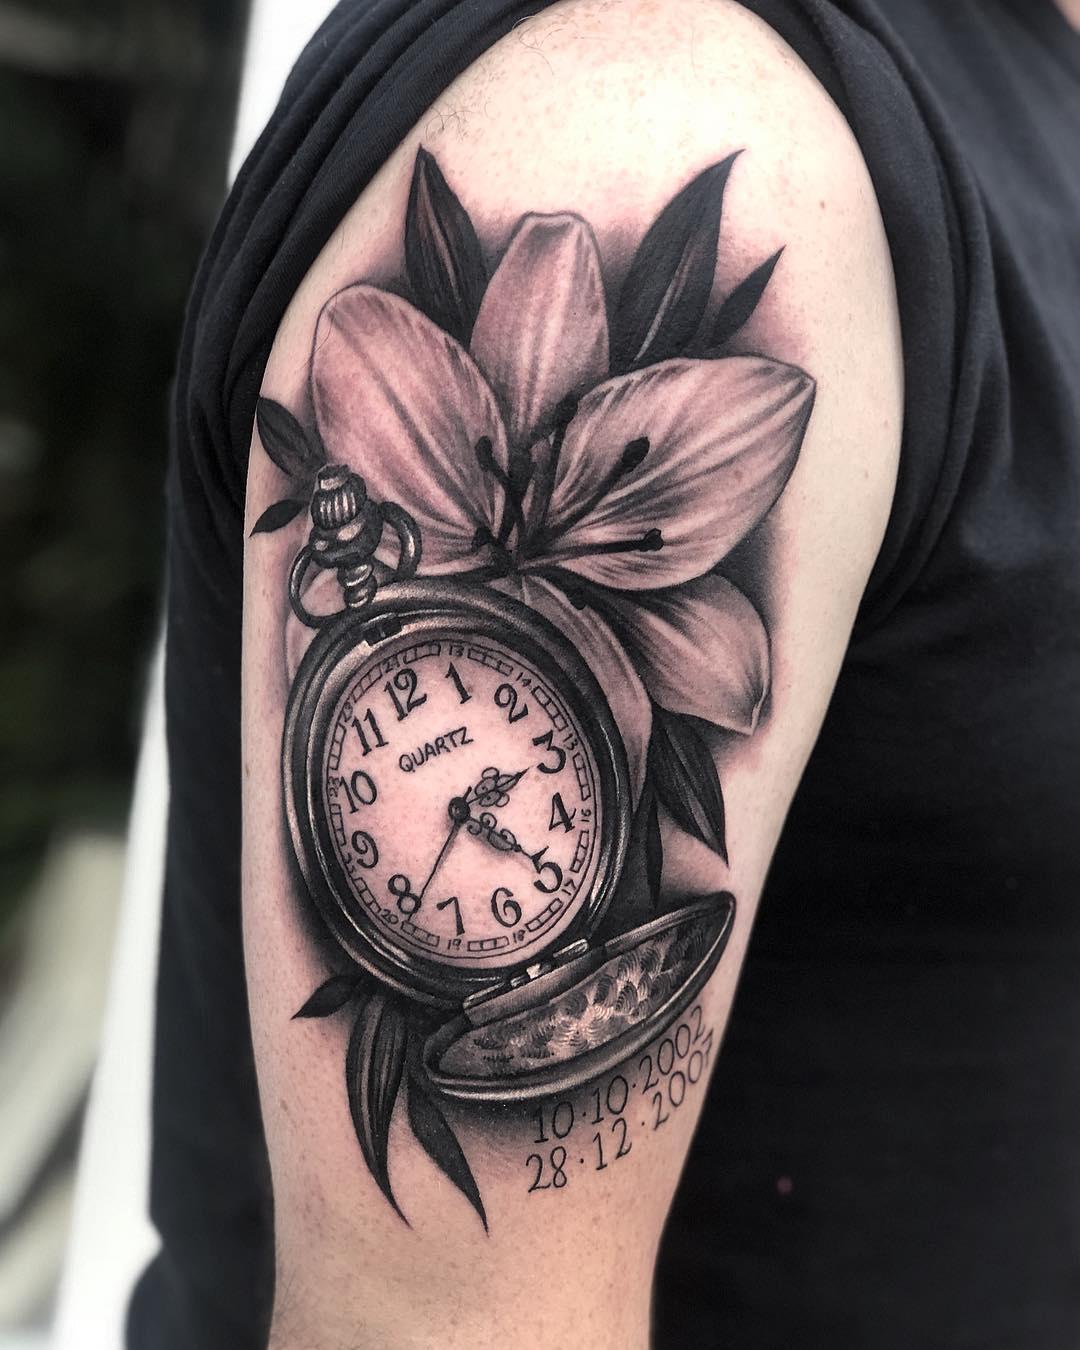 Hình xăm hoa và đồng hồ rất đẹp